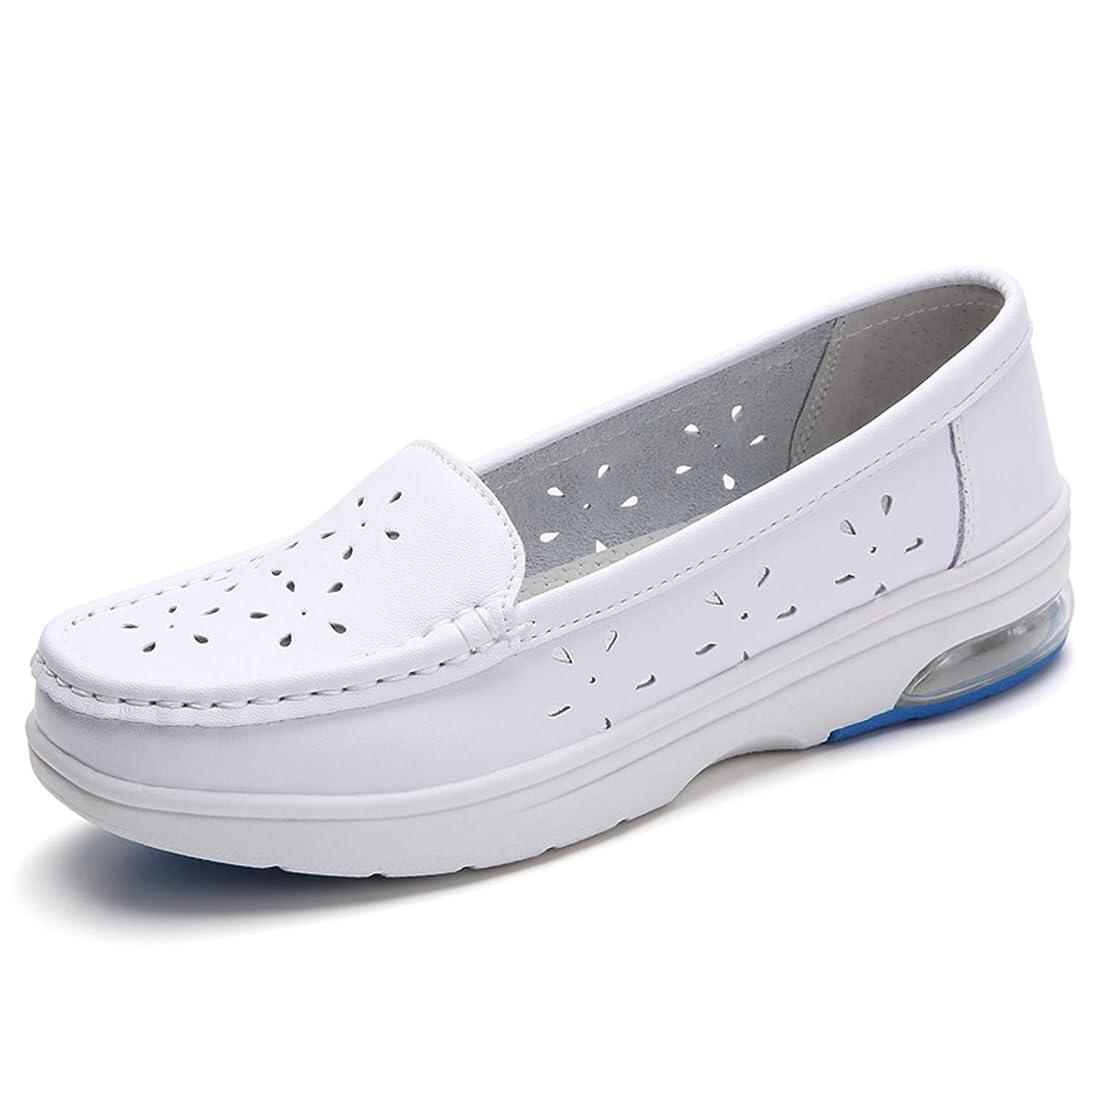 [SILD] ナースシューズ ナースサンダル 介護靴 蒸れない クッション 痛くない 白 蒸れない 合成革 疲れにくい 滑り止め 軽量 通気 看護 レディース 安全靴 ママシューズ 婦人靴 柔軟性 スニーカー